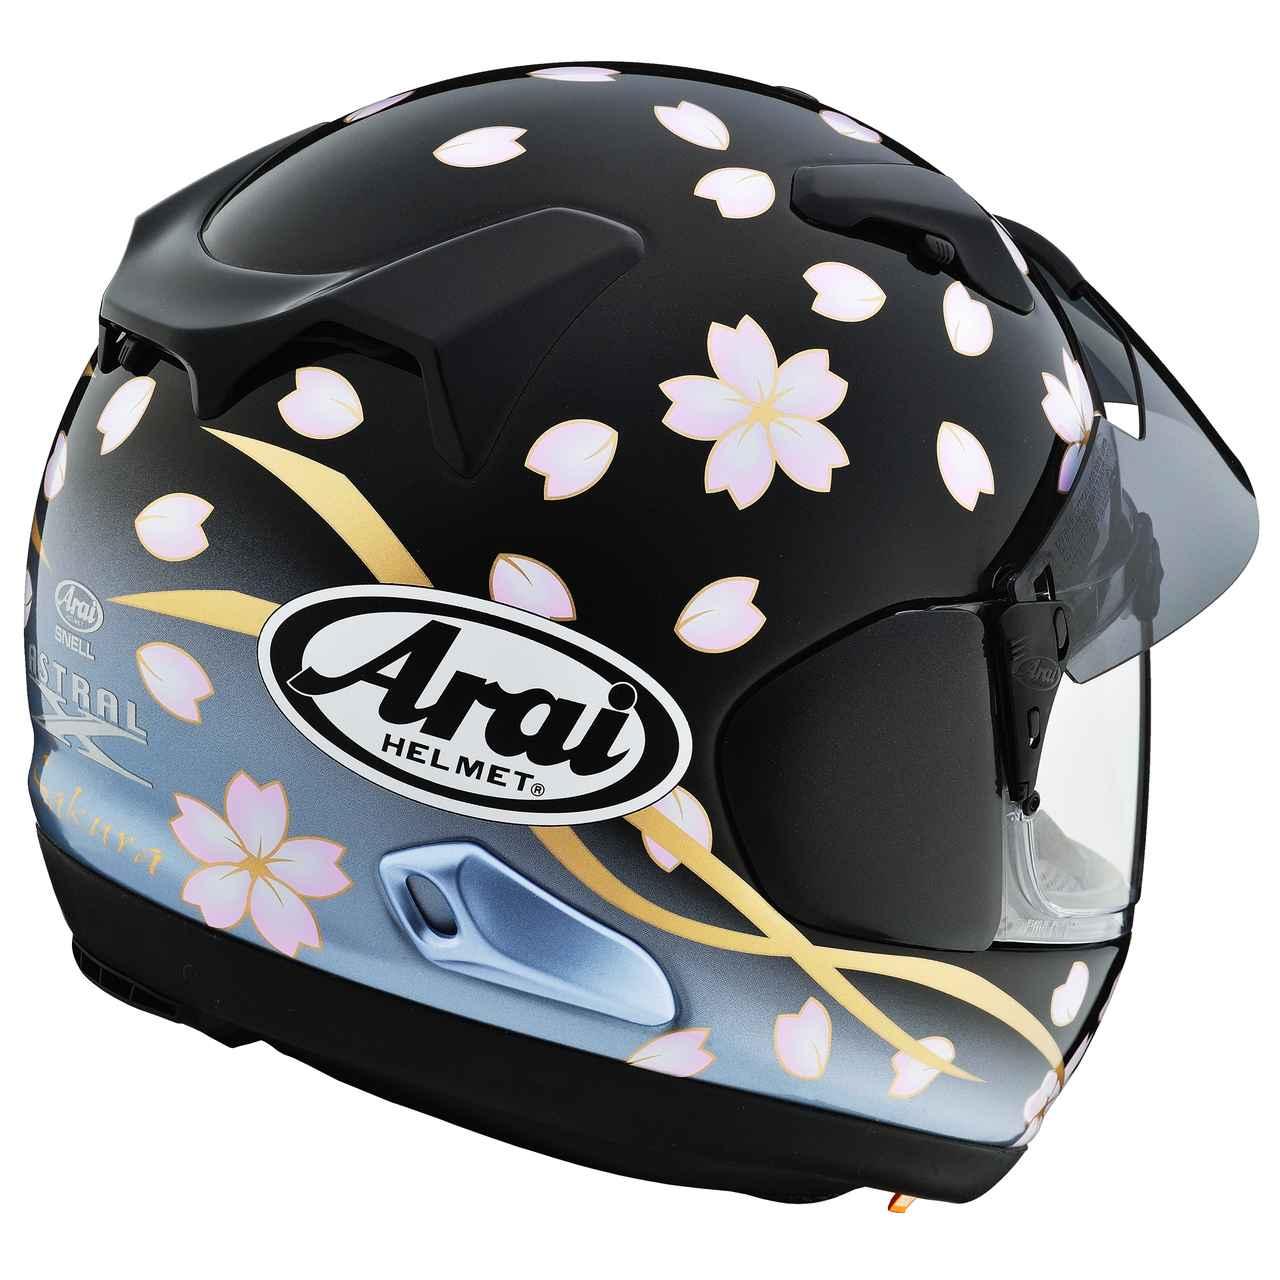 画像4: アライヘルメットASTRAL-Xに桜のデザインが登場!